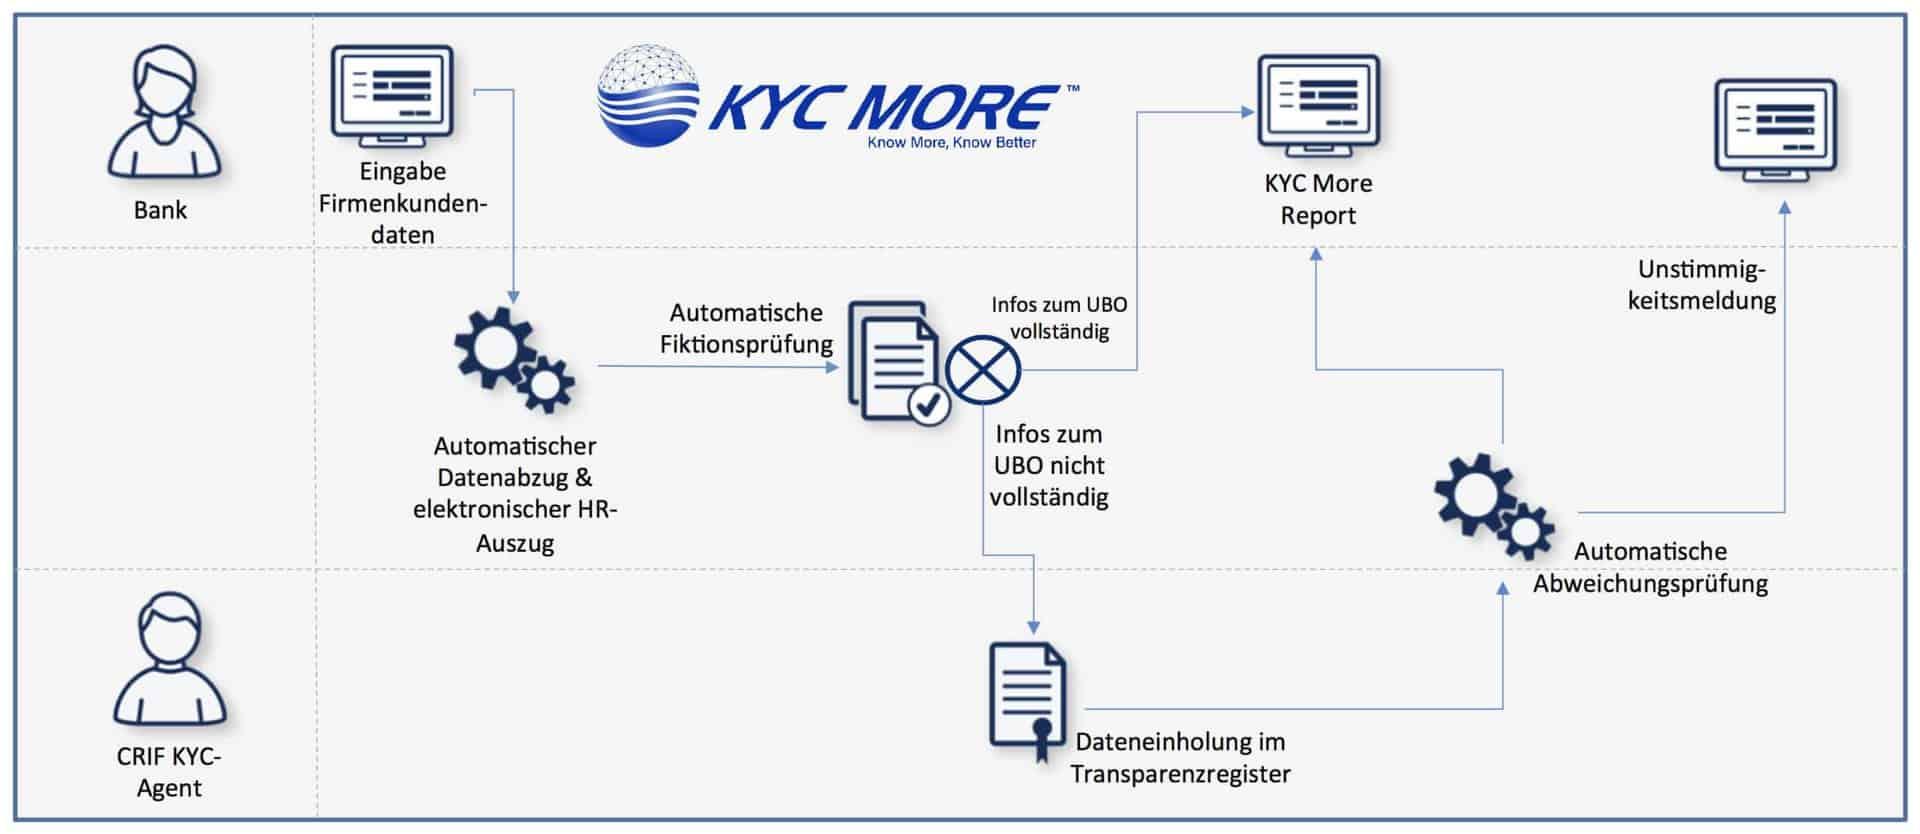 Weitgehend automatisiert, bei Bedarf aber auch manuell unterstützt, liefert KYC More schnell Ergebnisse. <q>CRIF Bürgel</q>